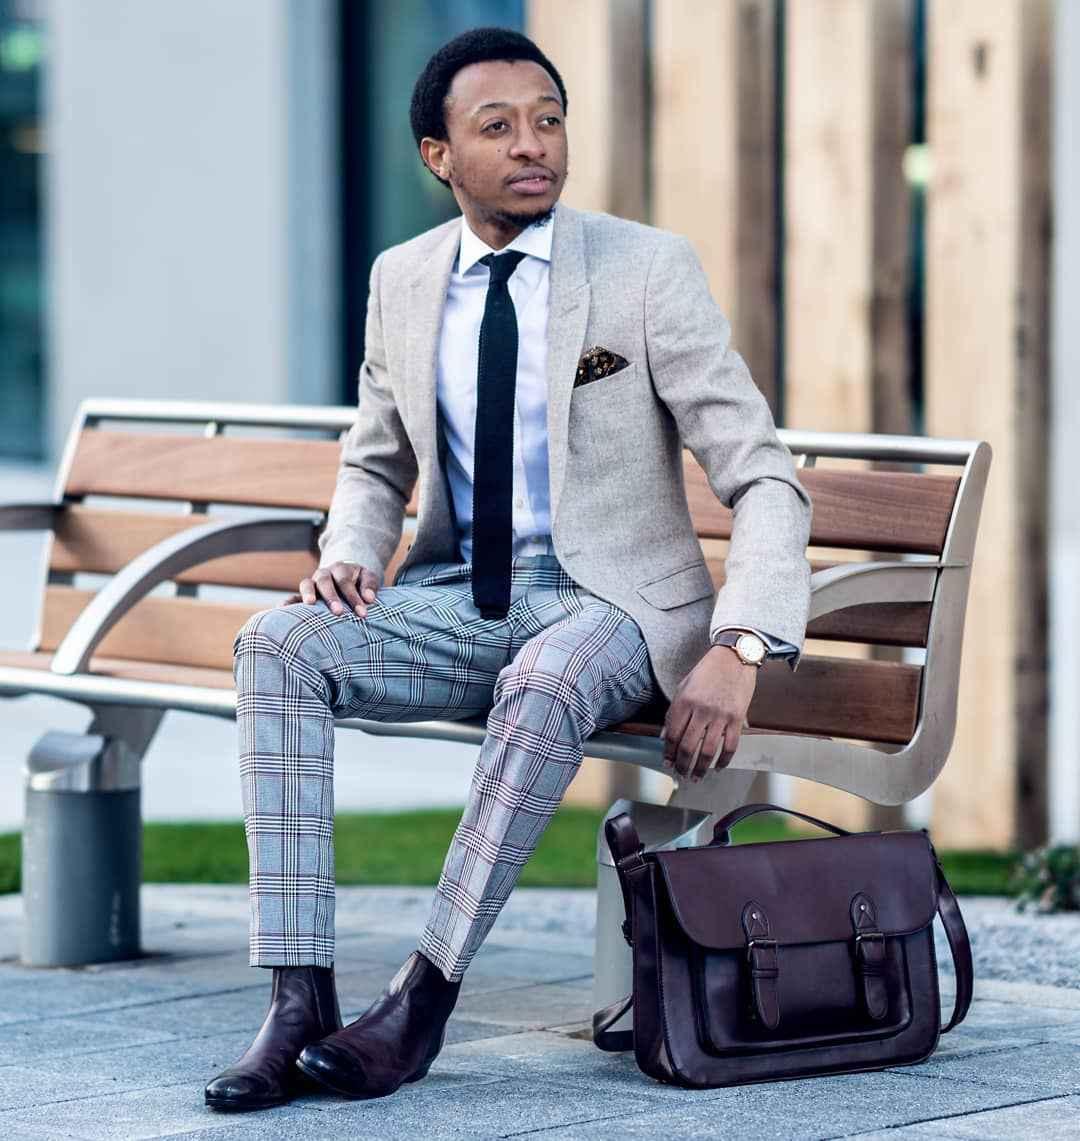 С чем носить брюки в серую клетку мужчине фото_5